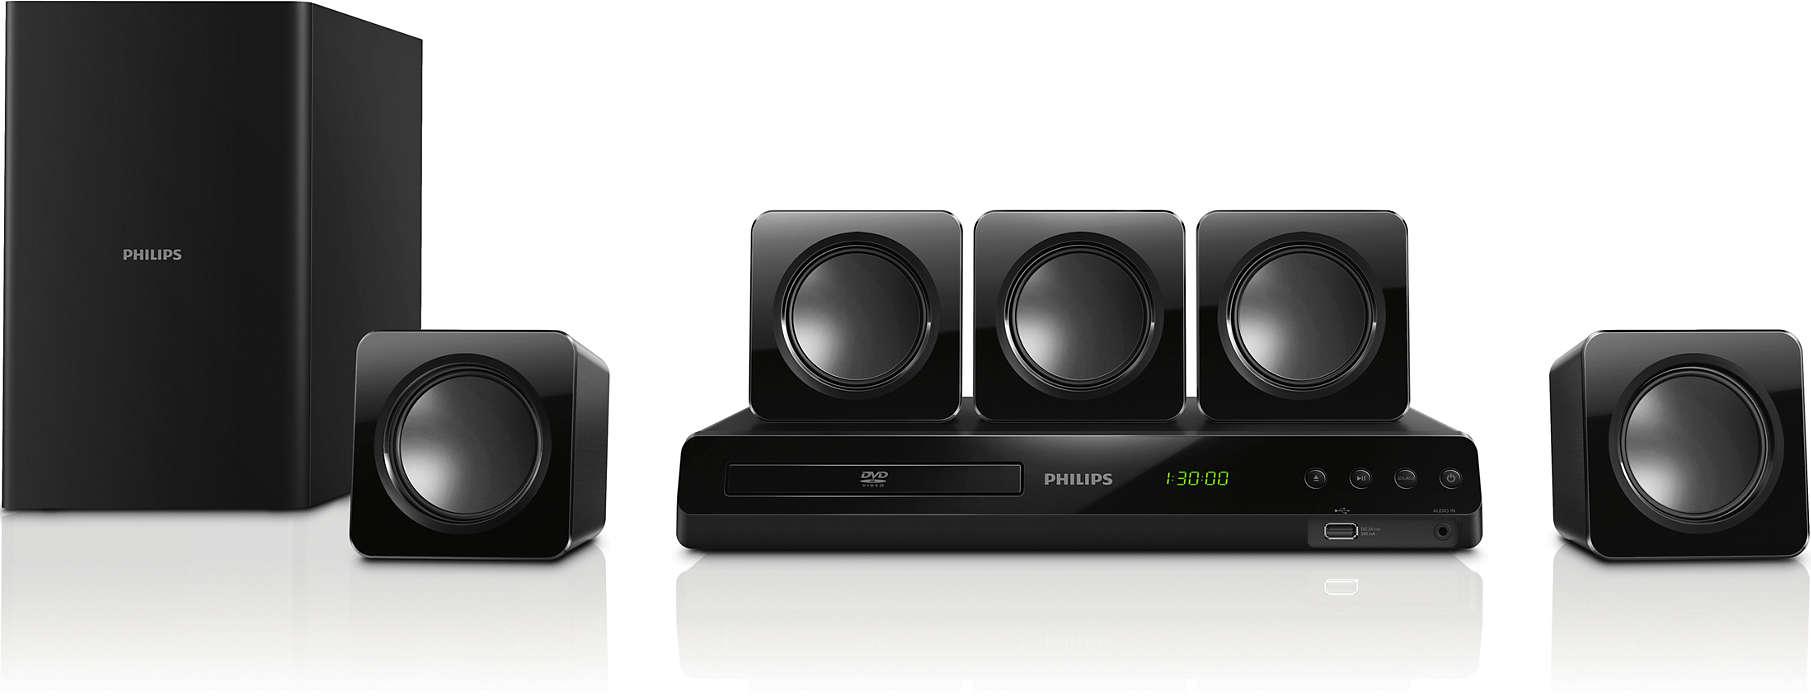 Erőteljes surround hangzás a kompakt hangsugárzókból